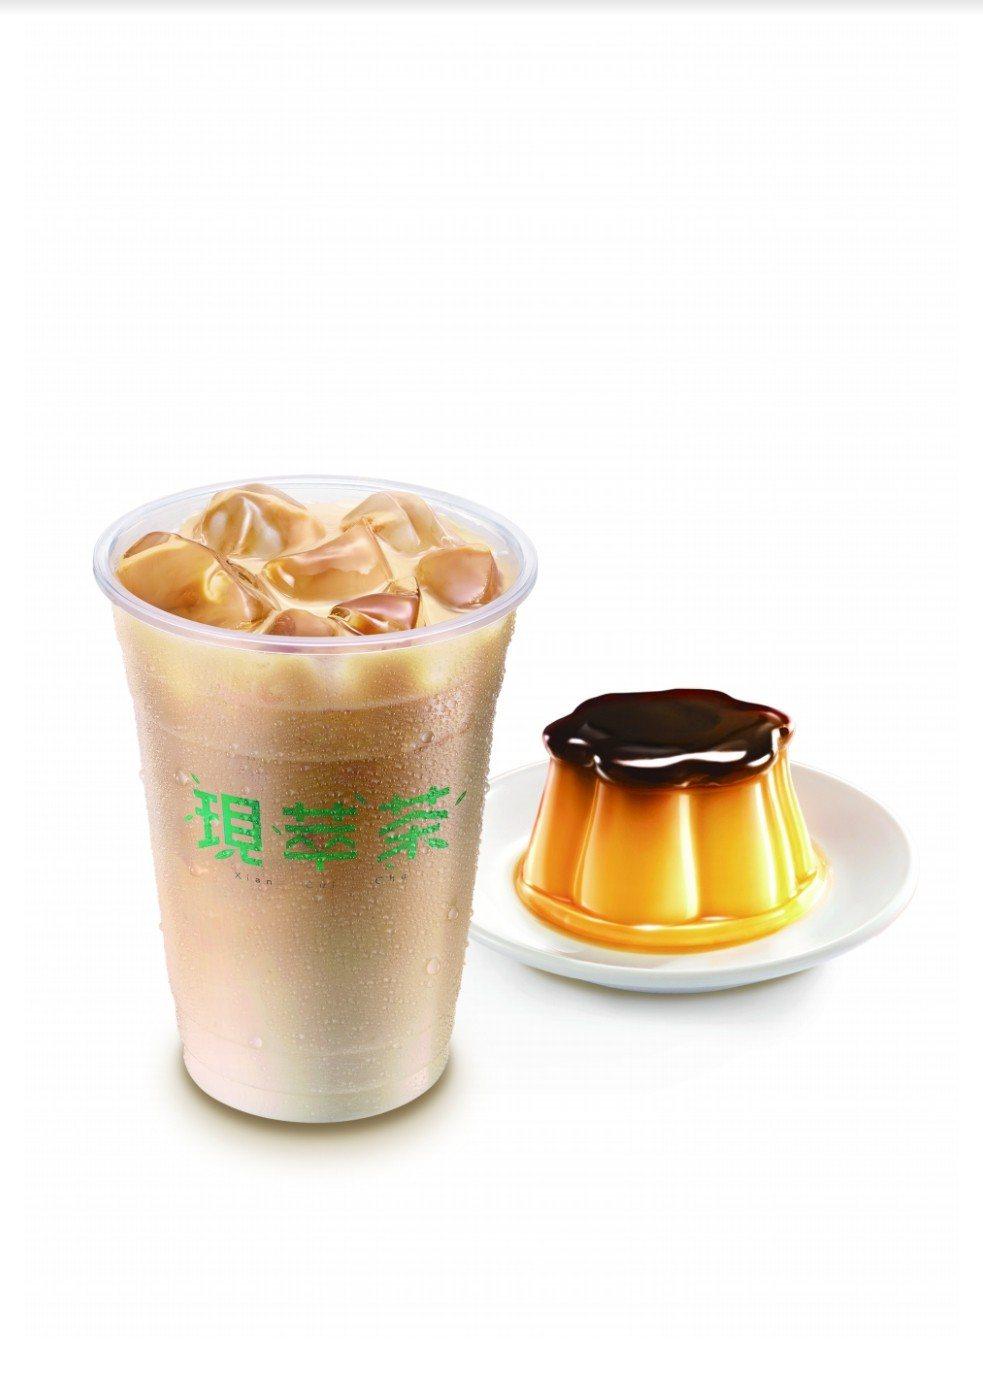 加入一整顆布丁的「統一布丁純奶茶」,特大杯冰飲售價65元,即日起擴區至桃園、新竹...